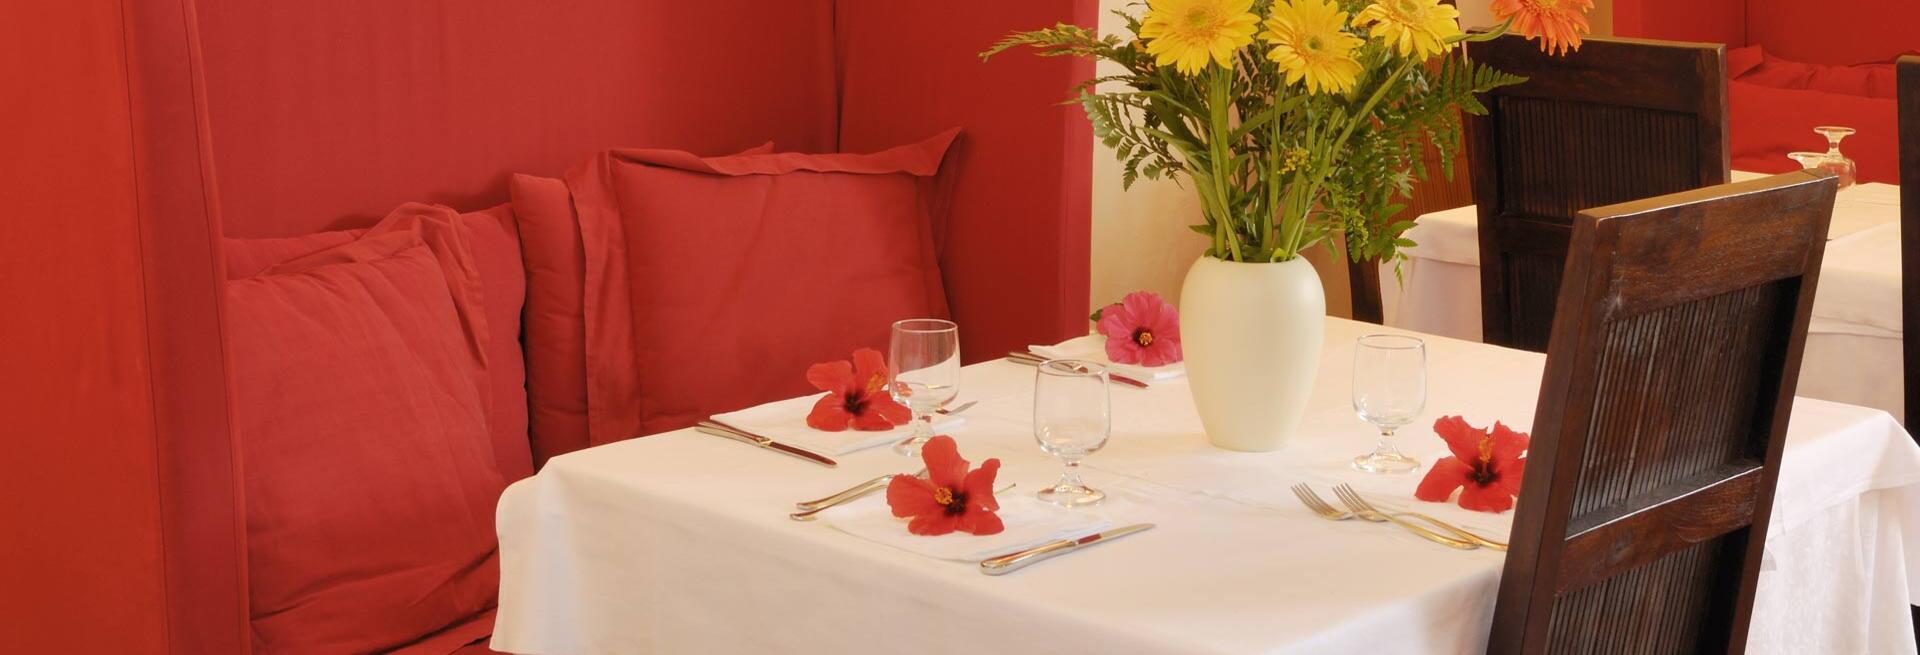 hotelcalarosa it ristorante 014